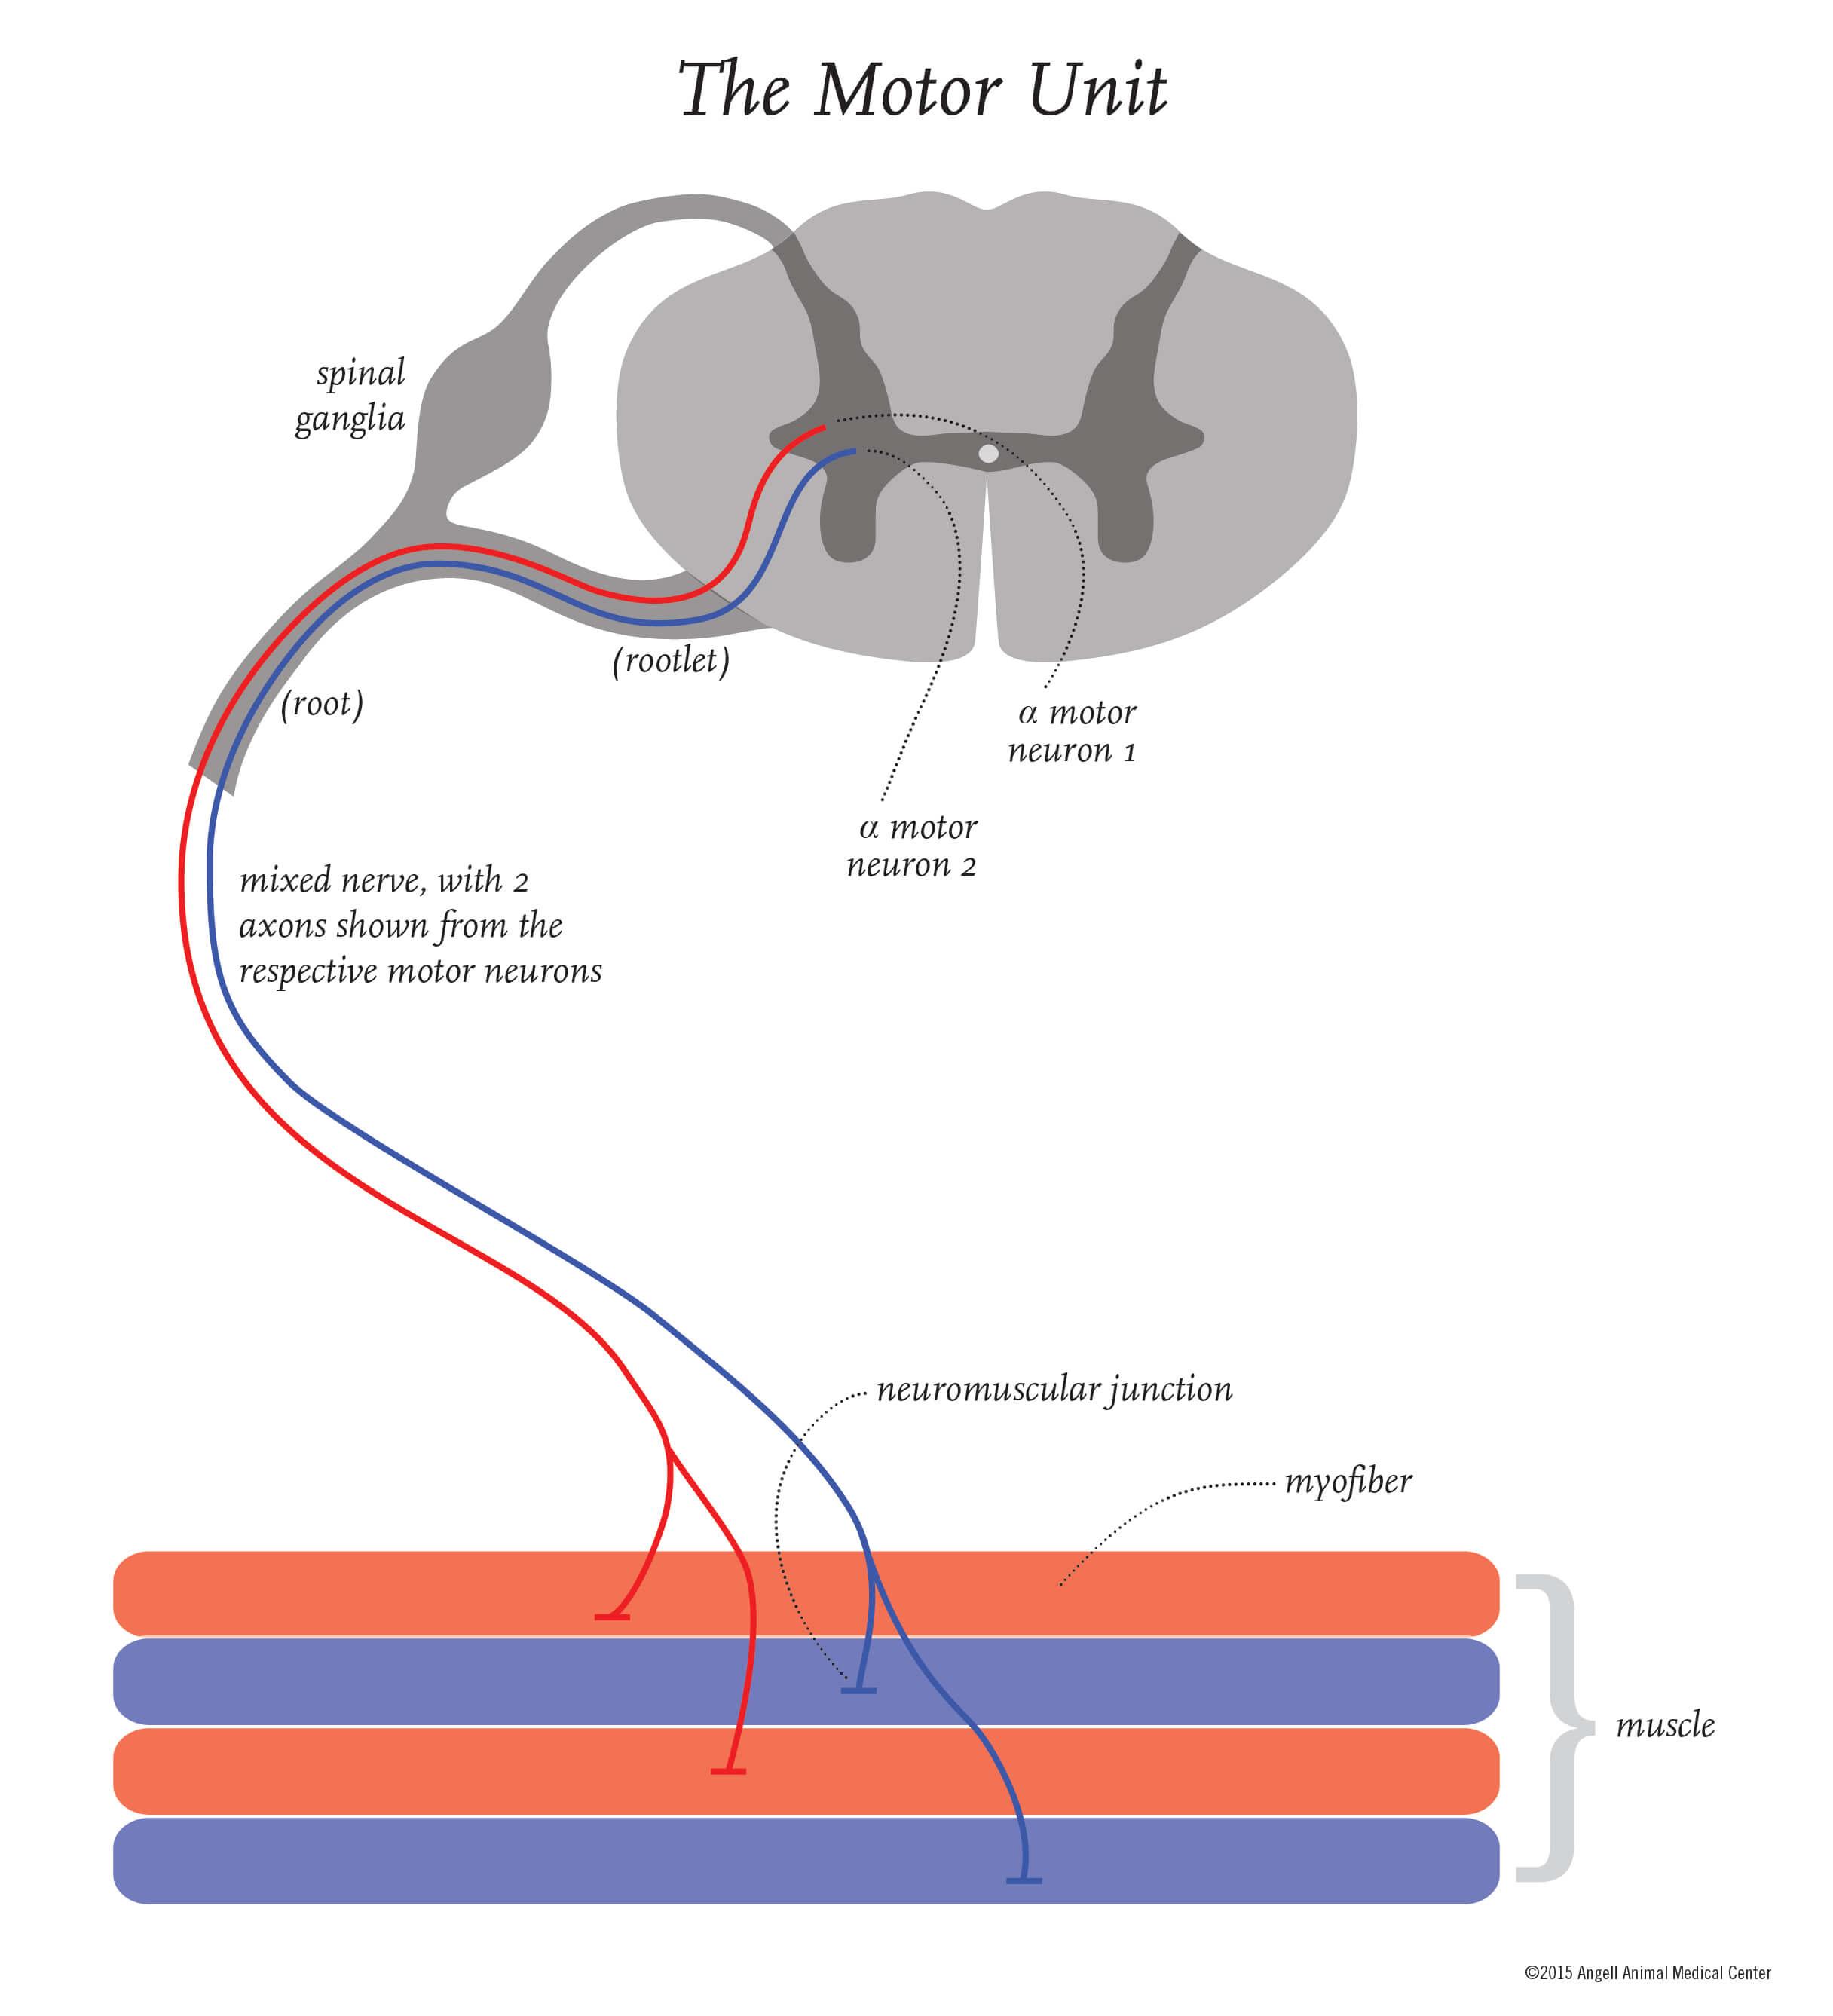 medium resolution of simple motor unit diagram wiring diagram ebookdiagram of motor unit anything wiring diagramdiagram of motor unit